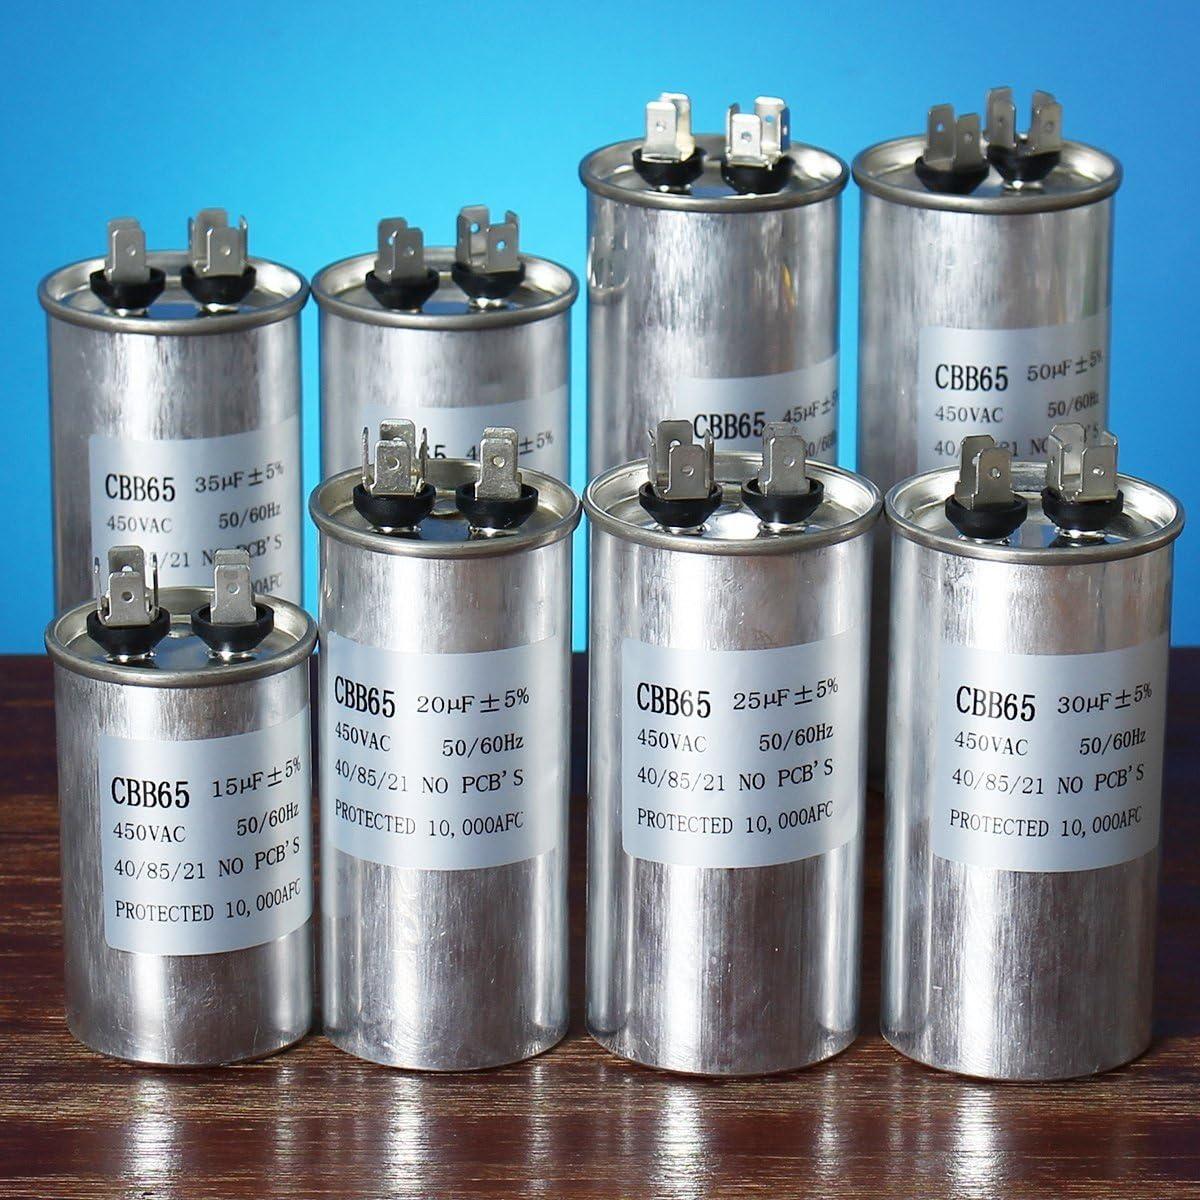 Bluelover 15-50Uf Motor Condensador Cbb65 450Vac Aire Acondicionado Compresor Start Capacitor-E